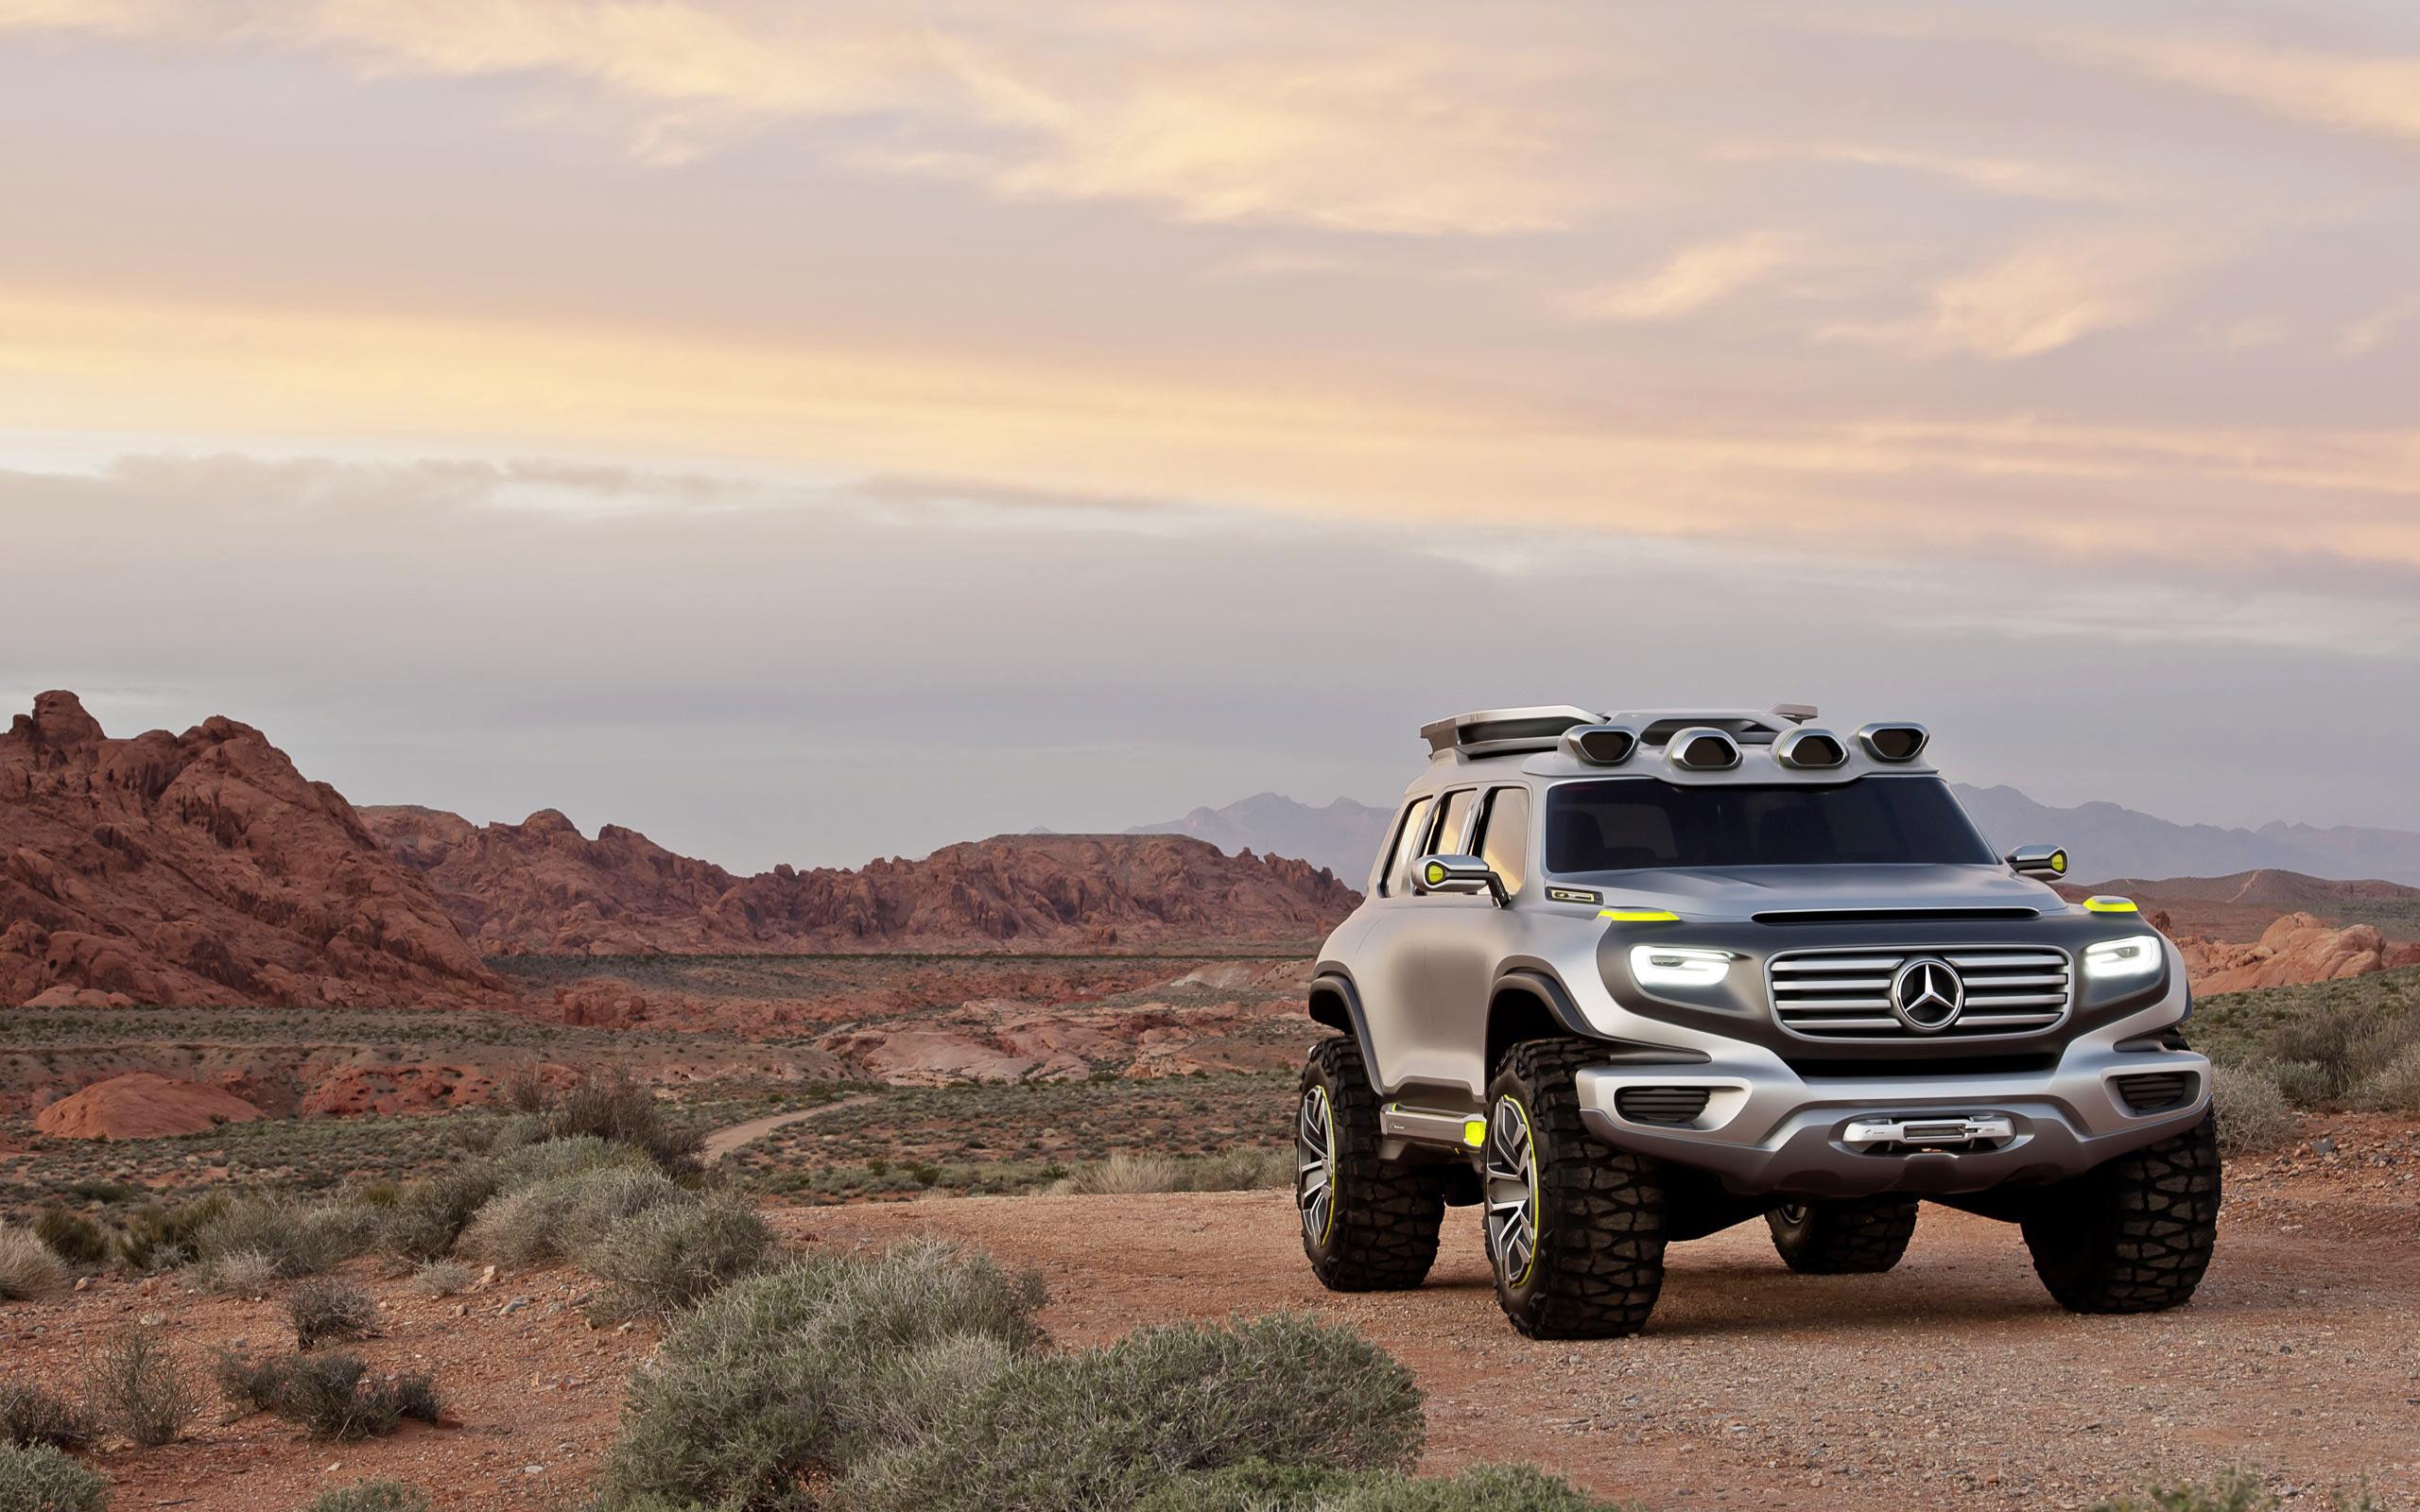 27494 скачать обои Транспорт, Машины, Мерседес (Mercedes), Тюнинг - заставки и картинки бесплатно